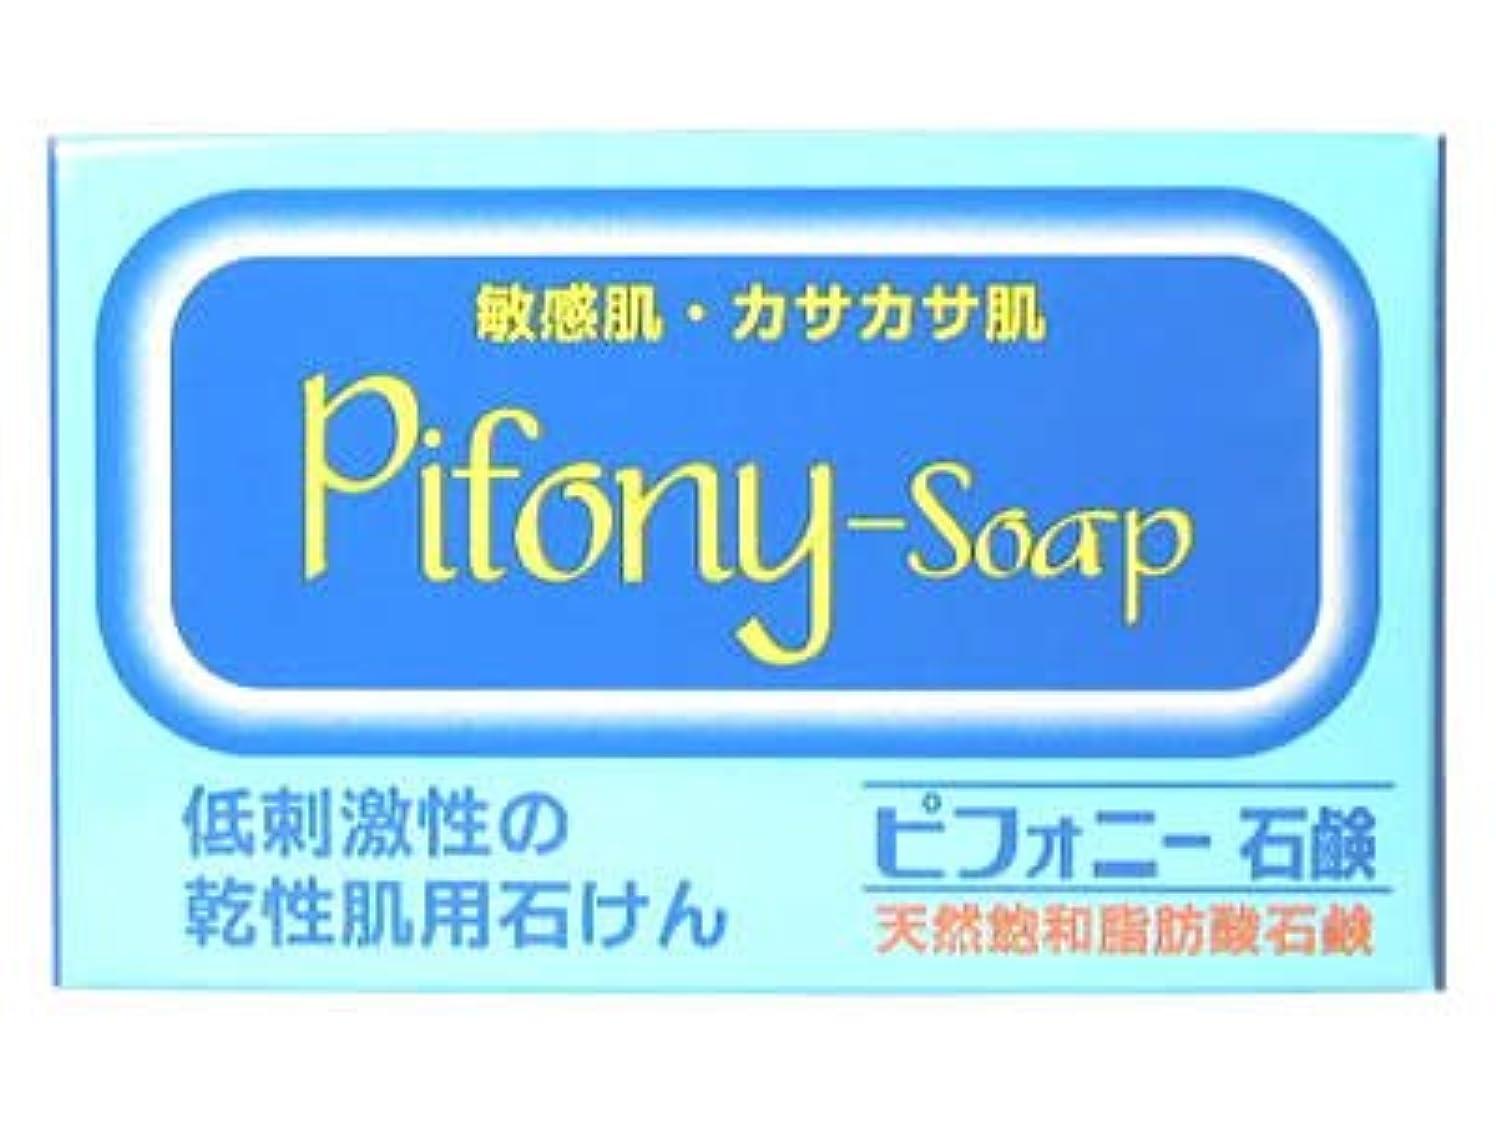 量ポットルーフピフォニー石鹸 100g